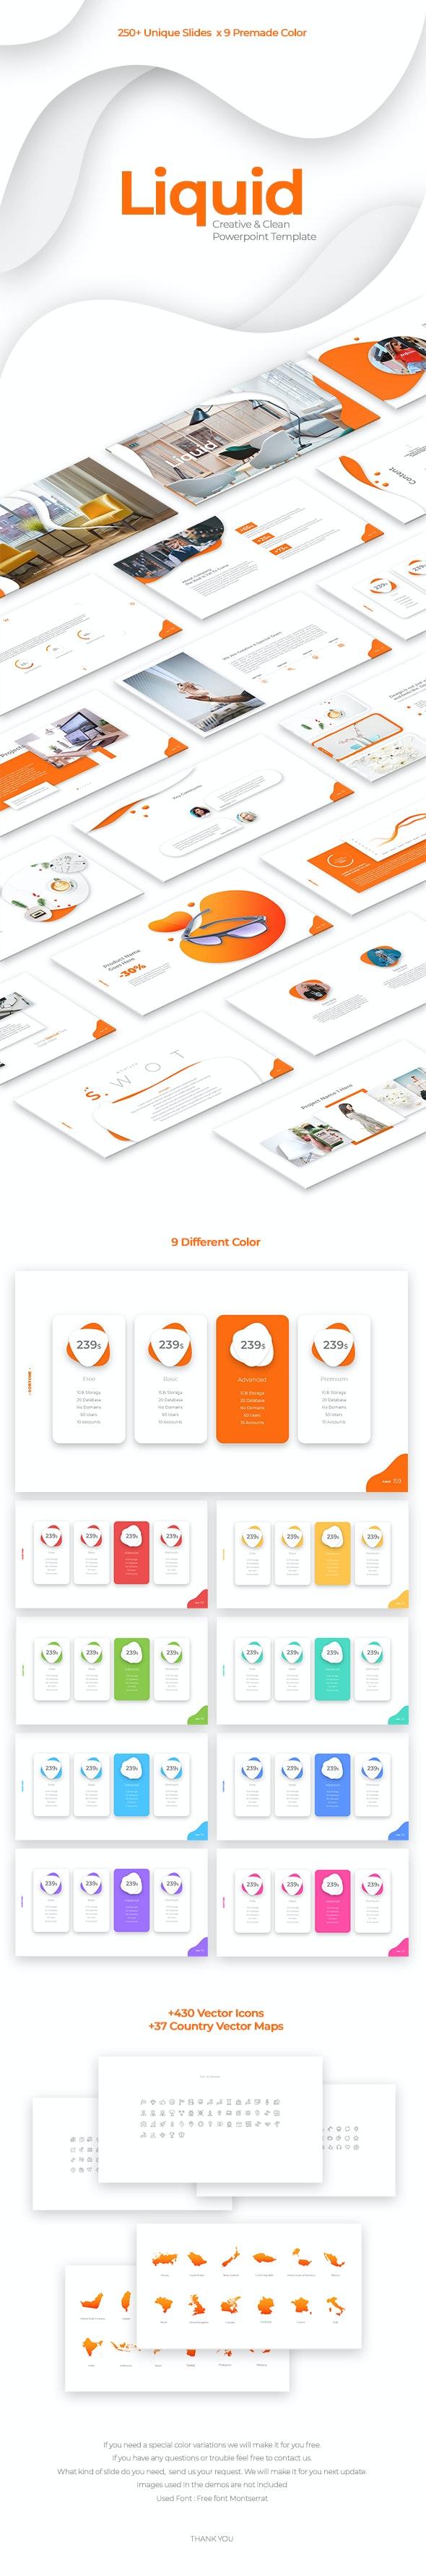 Liquid Creative & Clean Powerpoint Template - PowerPoint Templates Presentation Templates